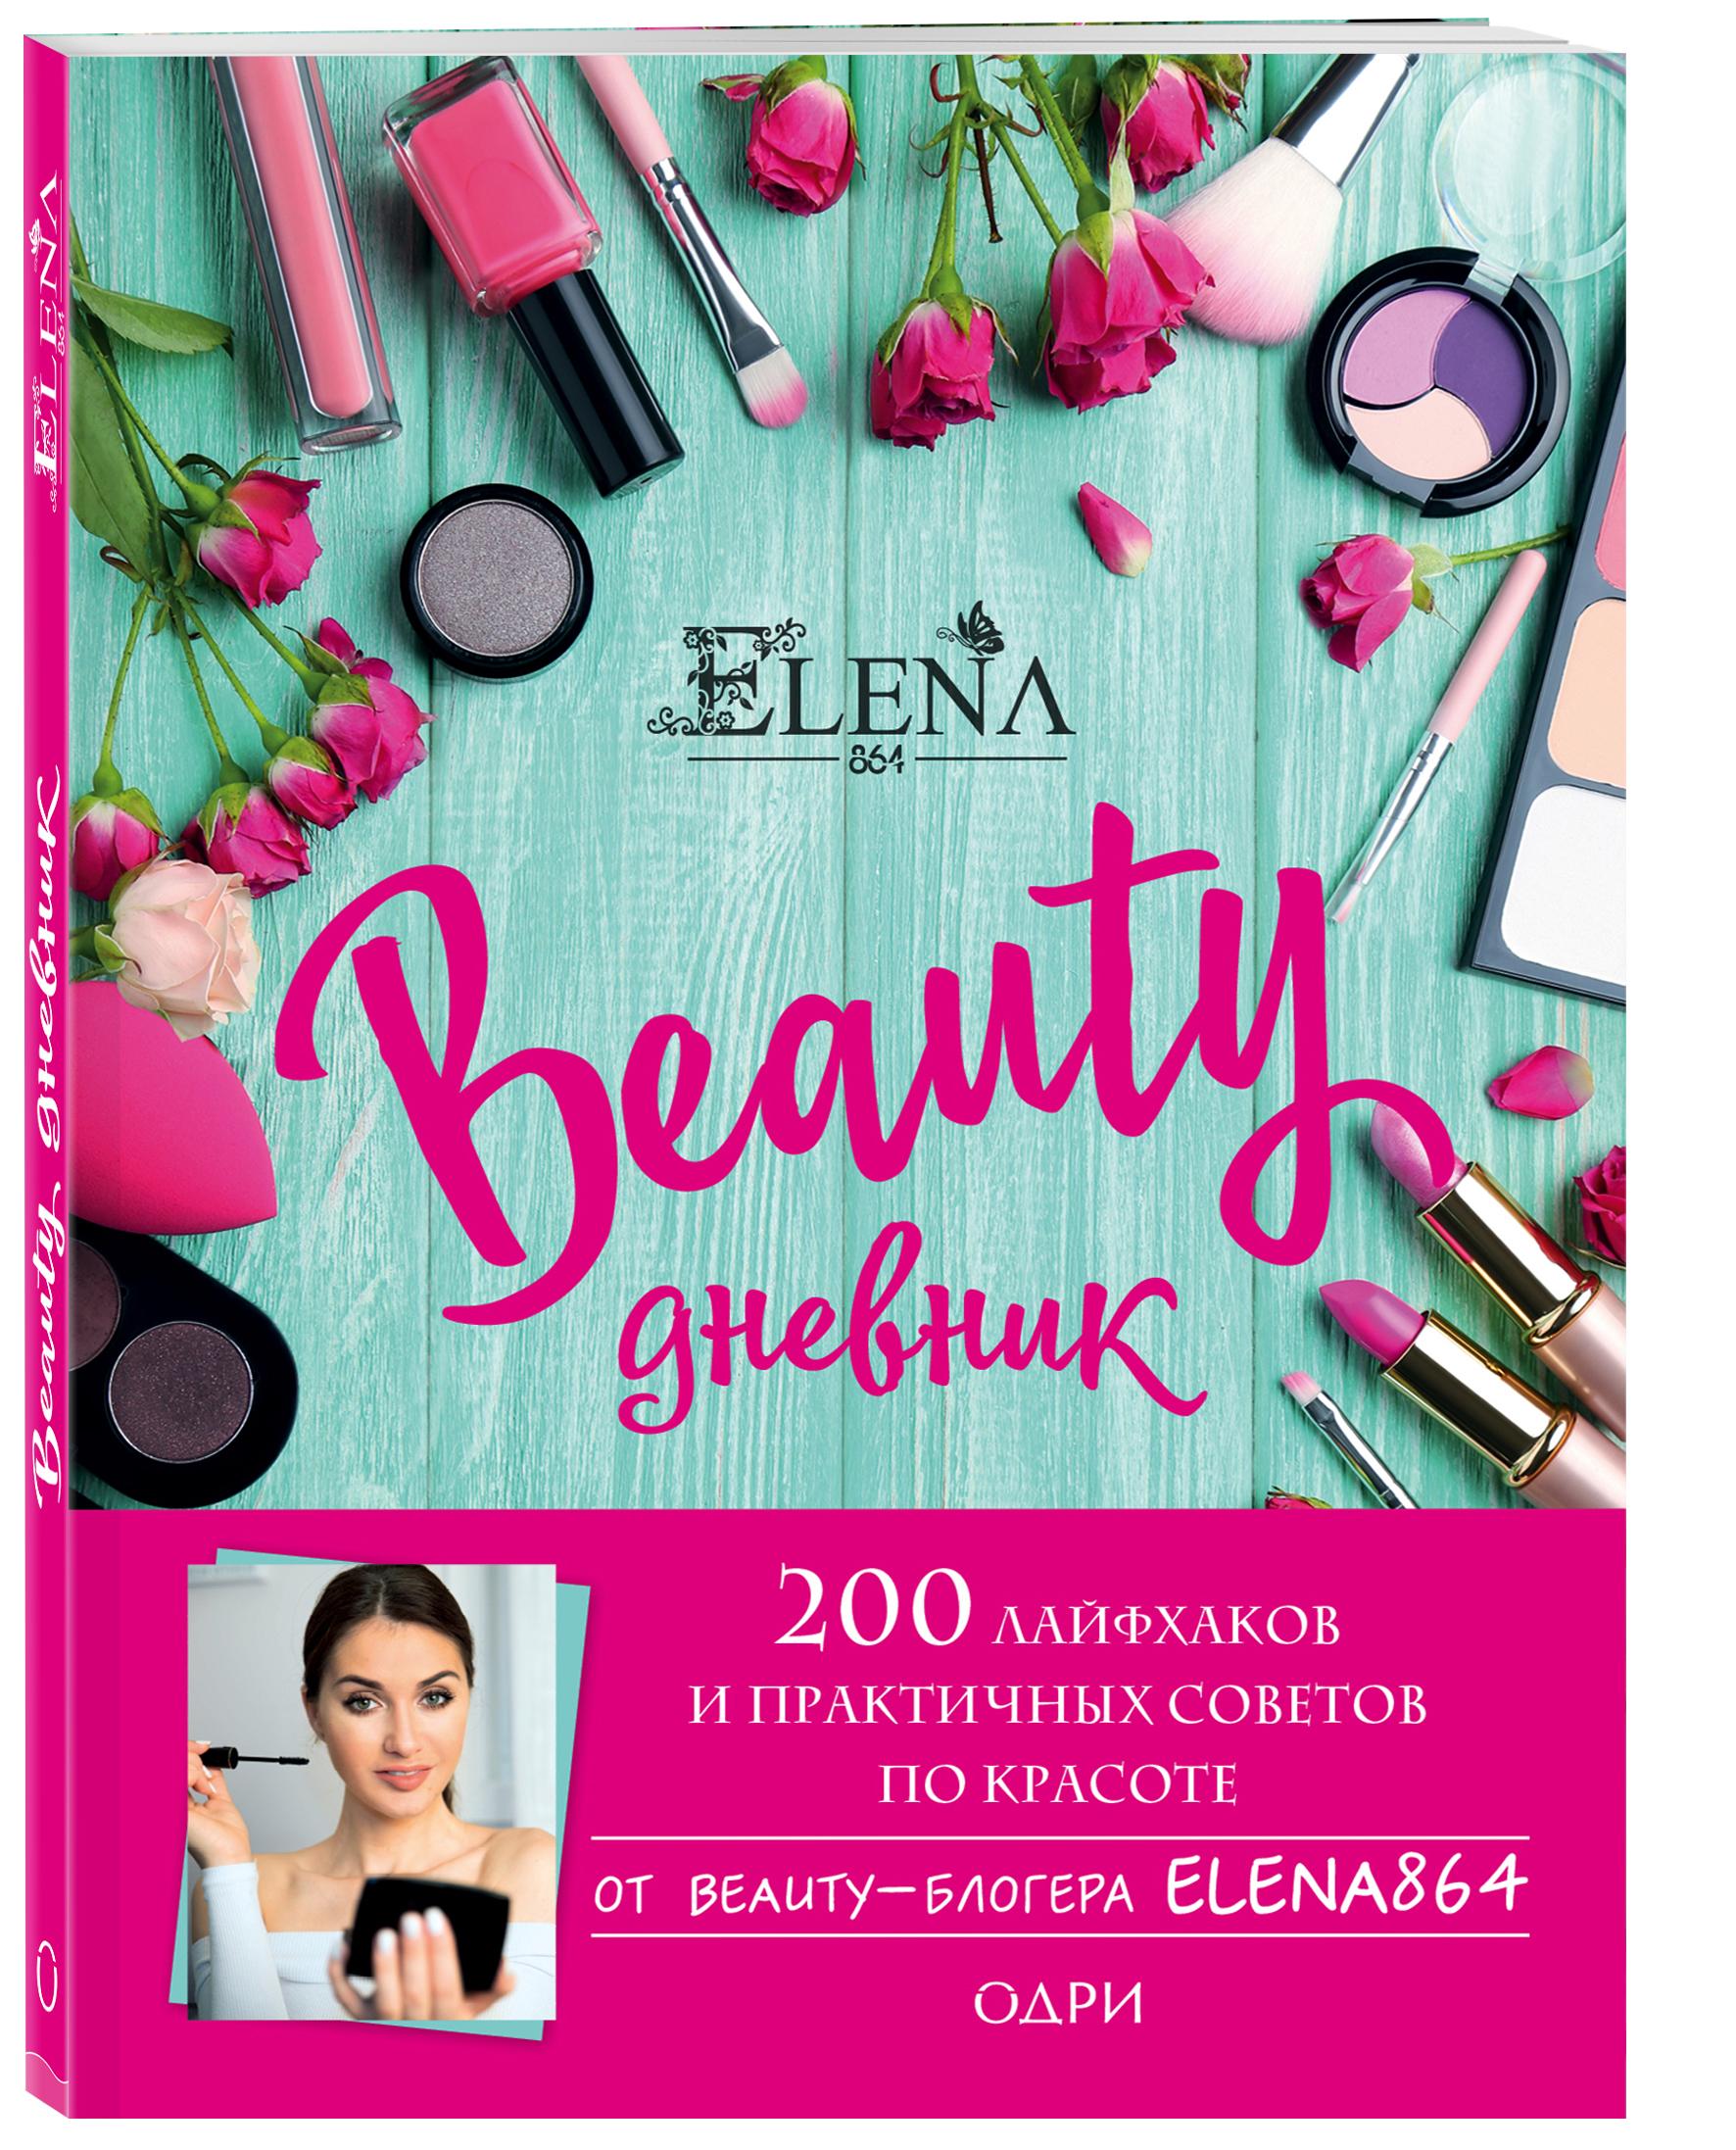 Фото - BEAUTY дневник от ELENA864. 200 лайфхаков и практичных советов по красоте видео